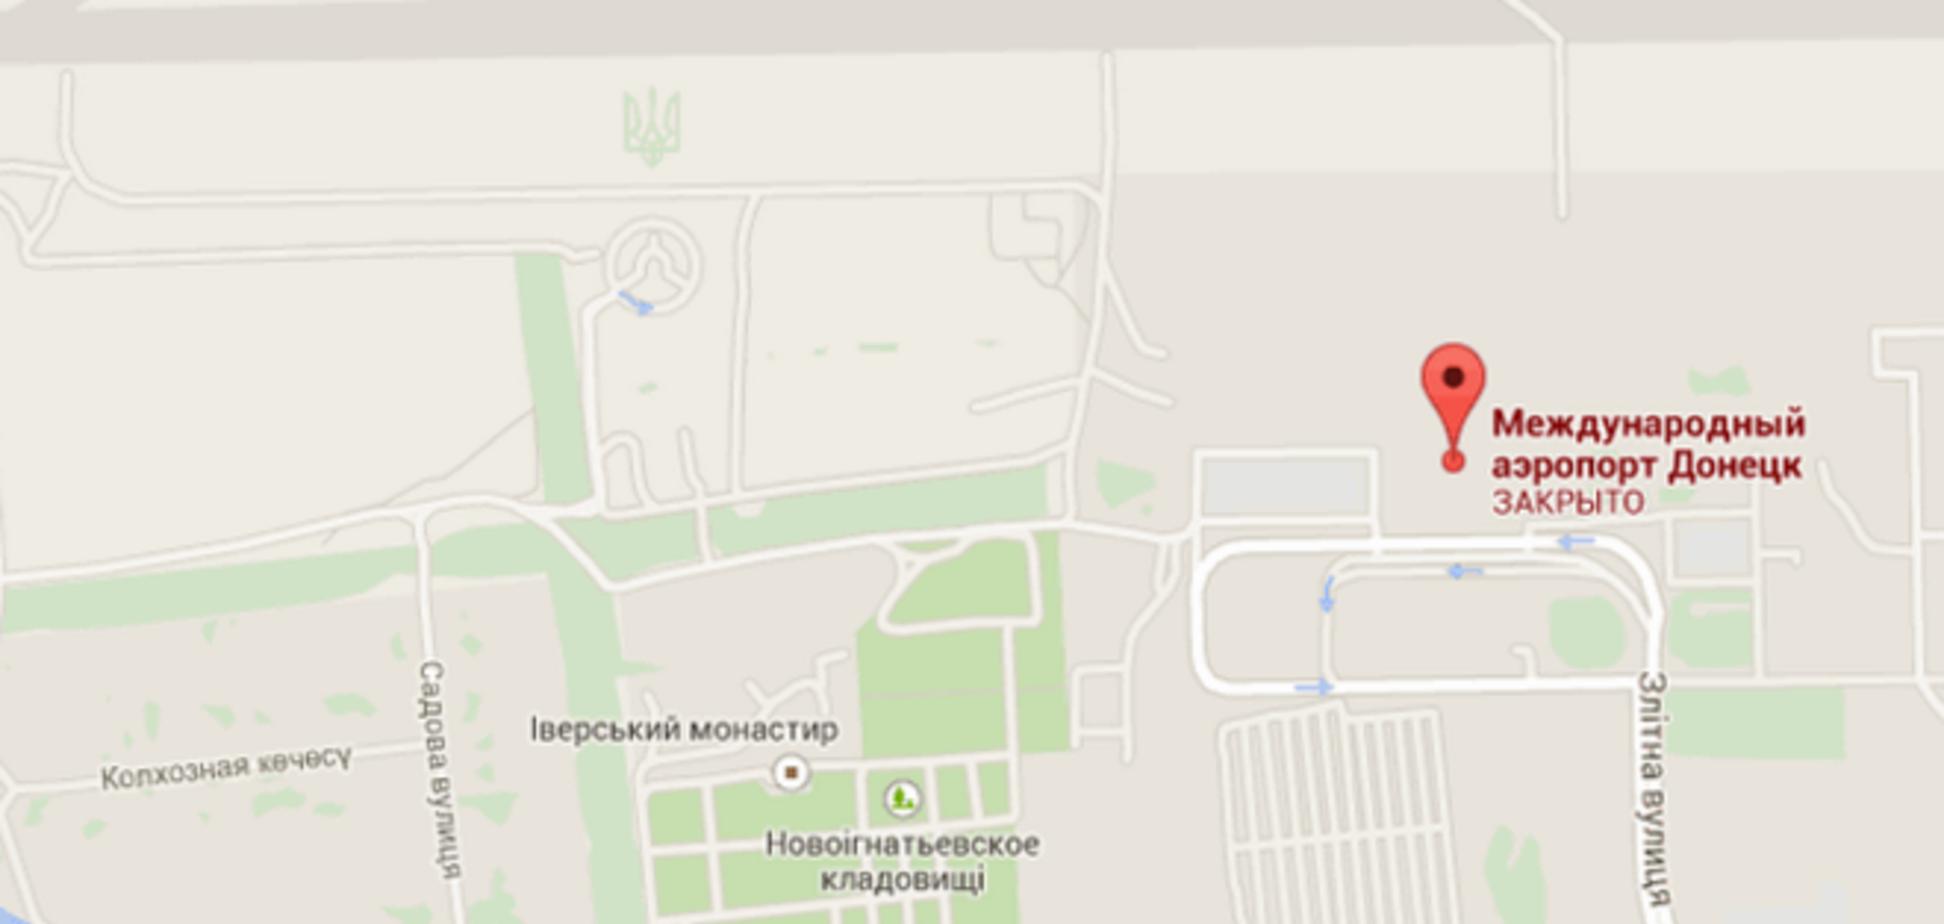 В Google картах место подвига 'киборгов' у донецкого аэропорта отметили трезубцем